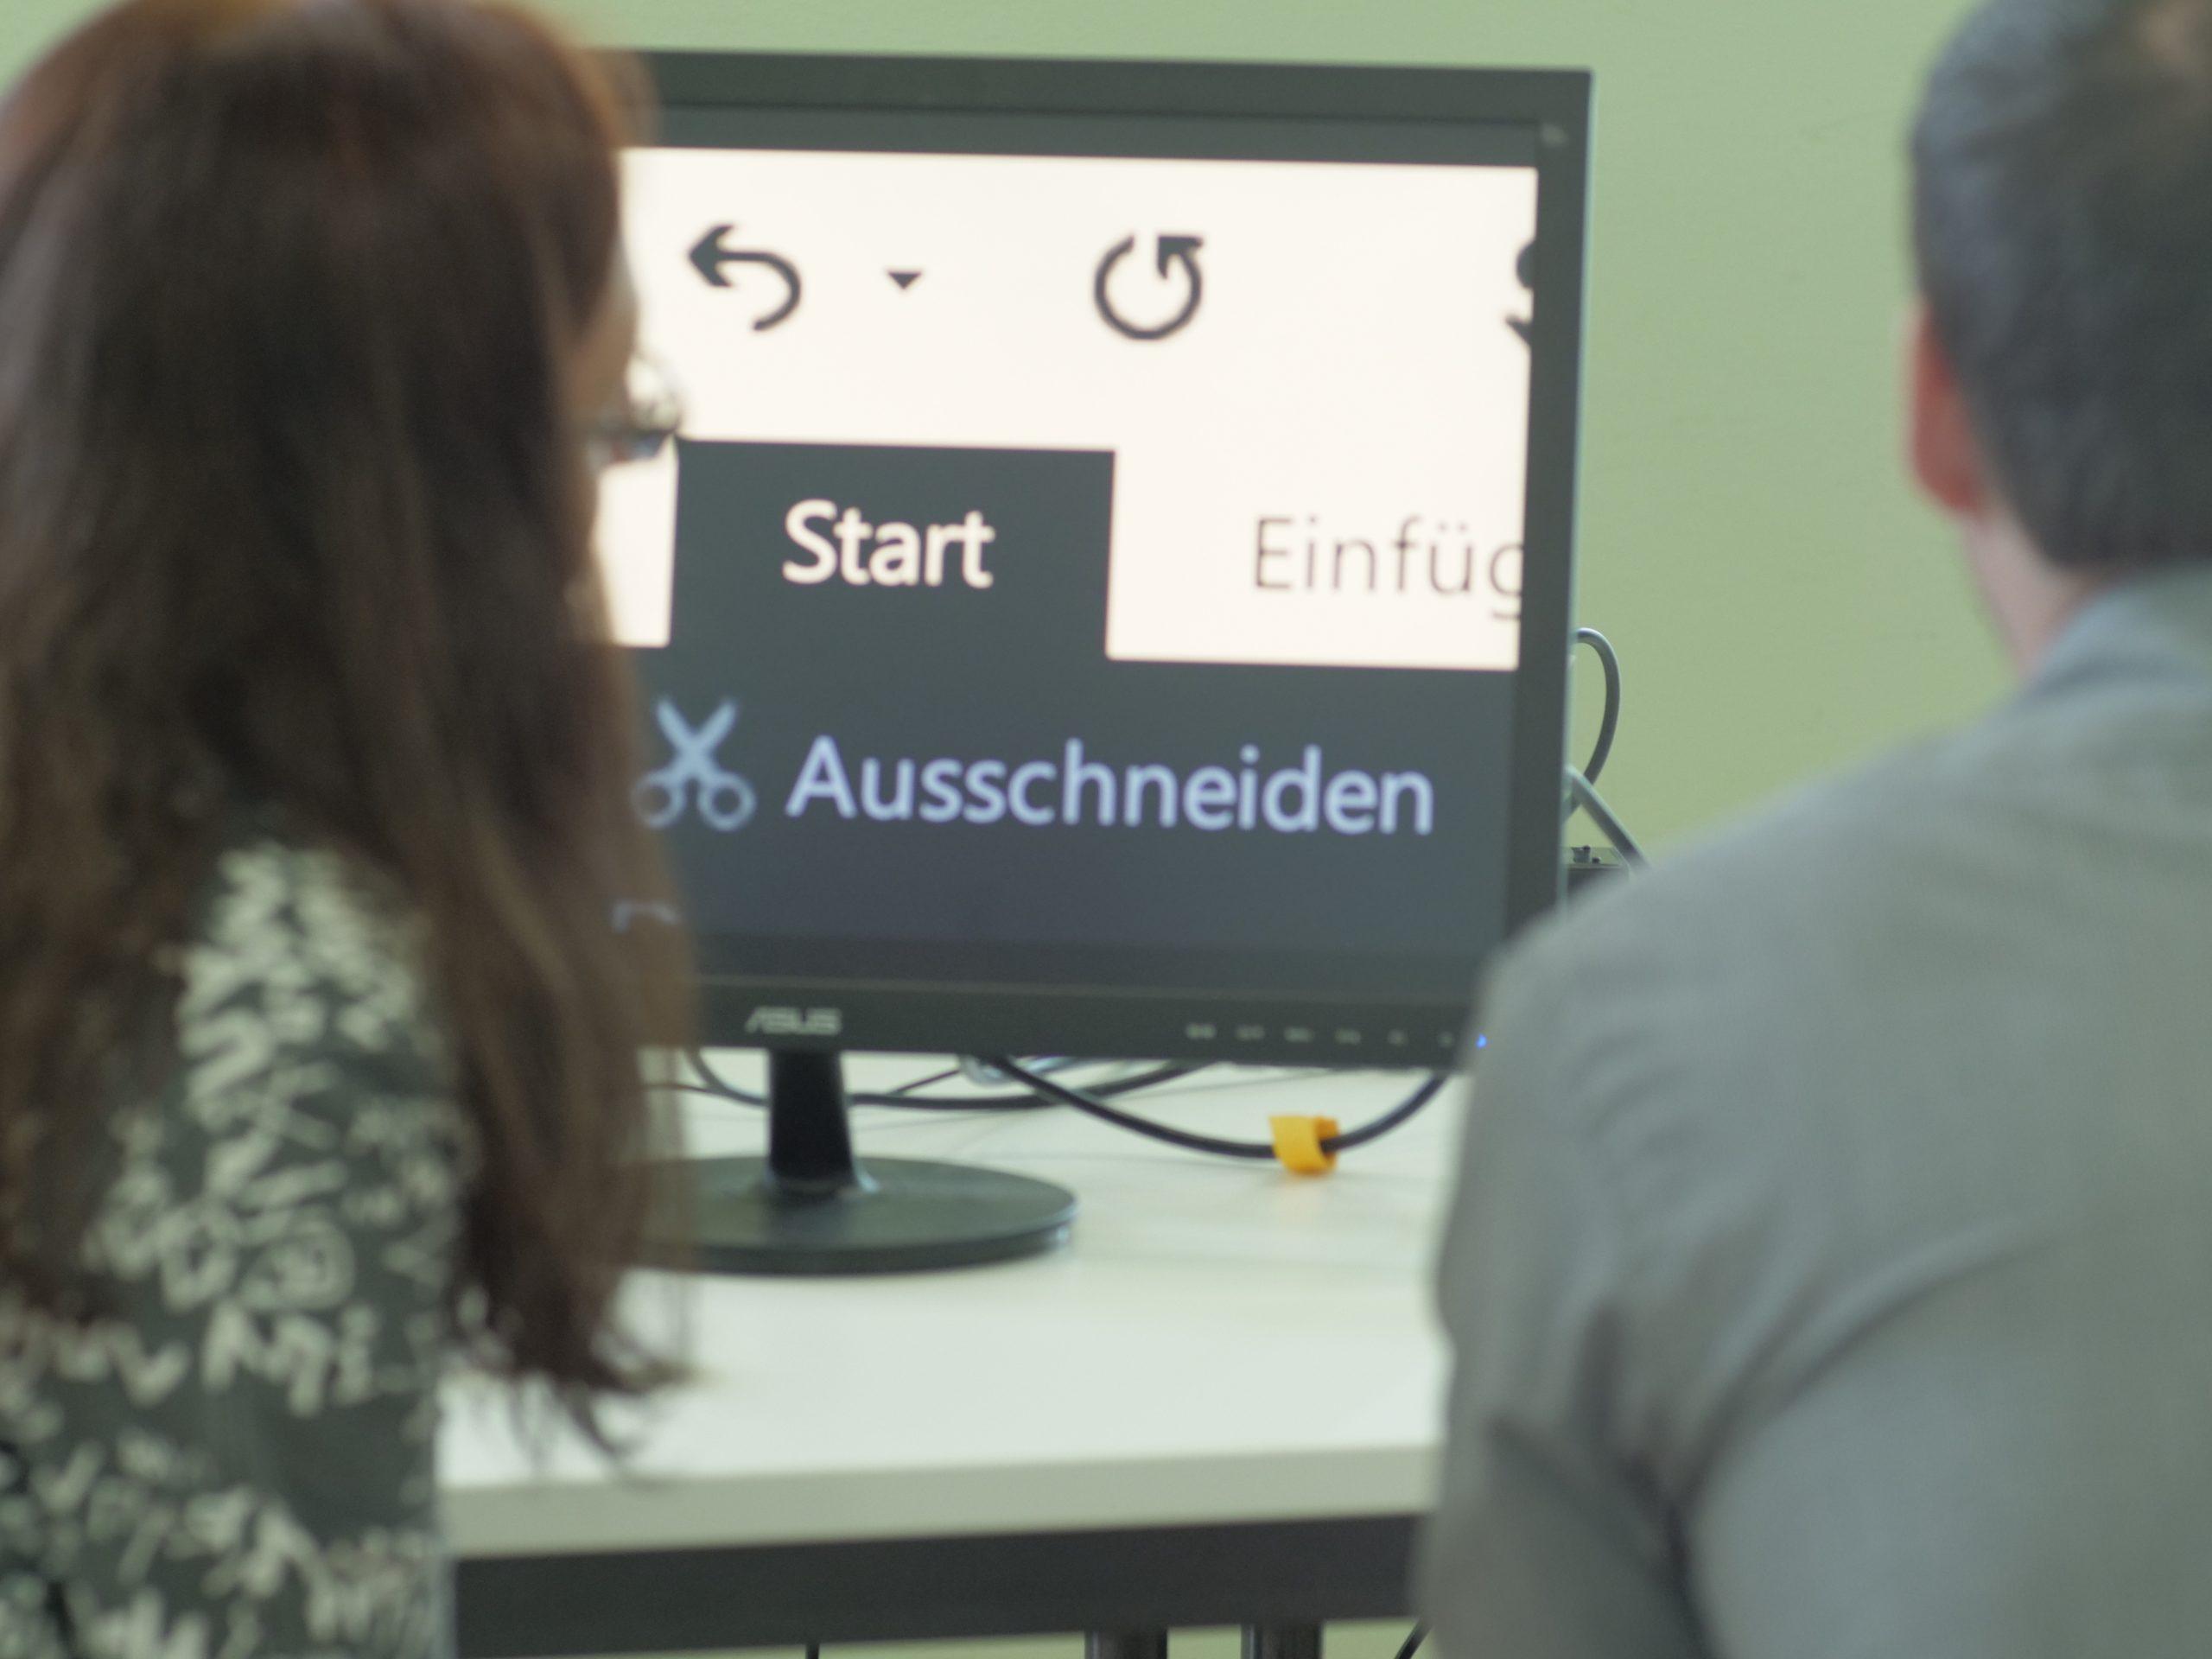 Teilnehmende betrachten einen Desktopbildschirm mit aktivierter Bildschirmlupe